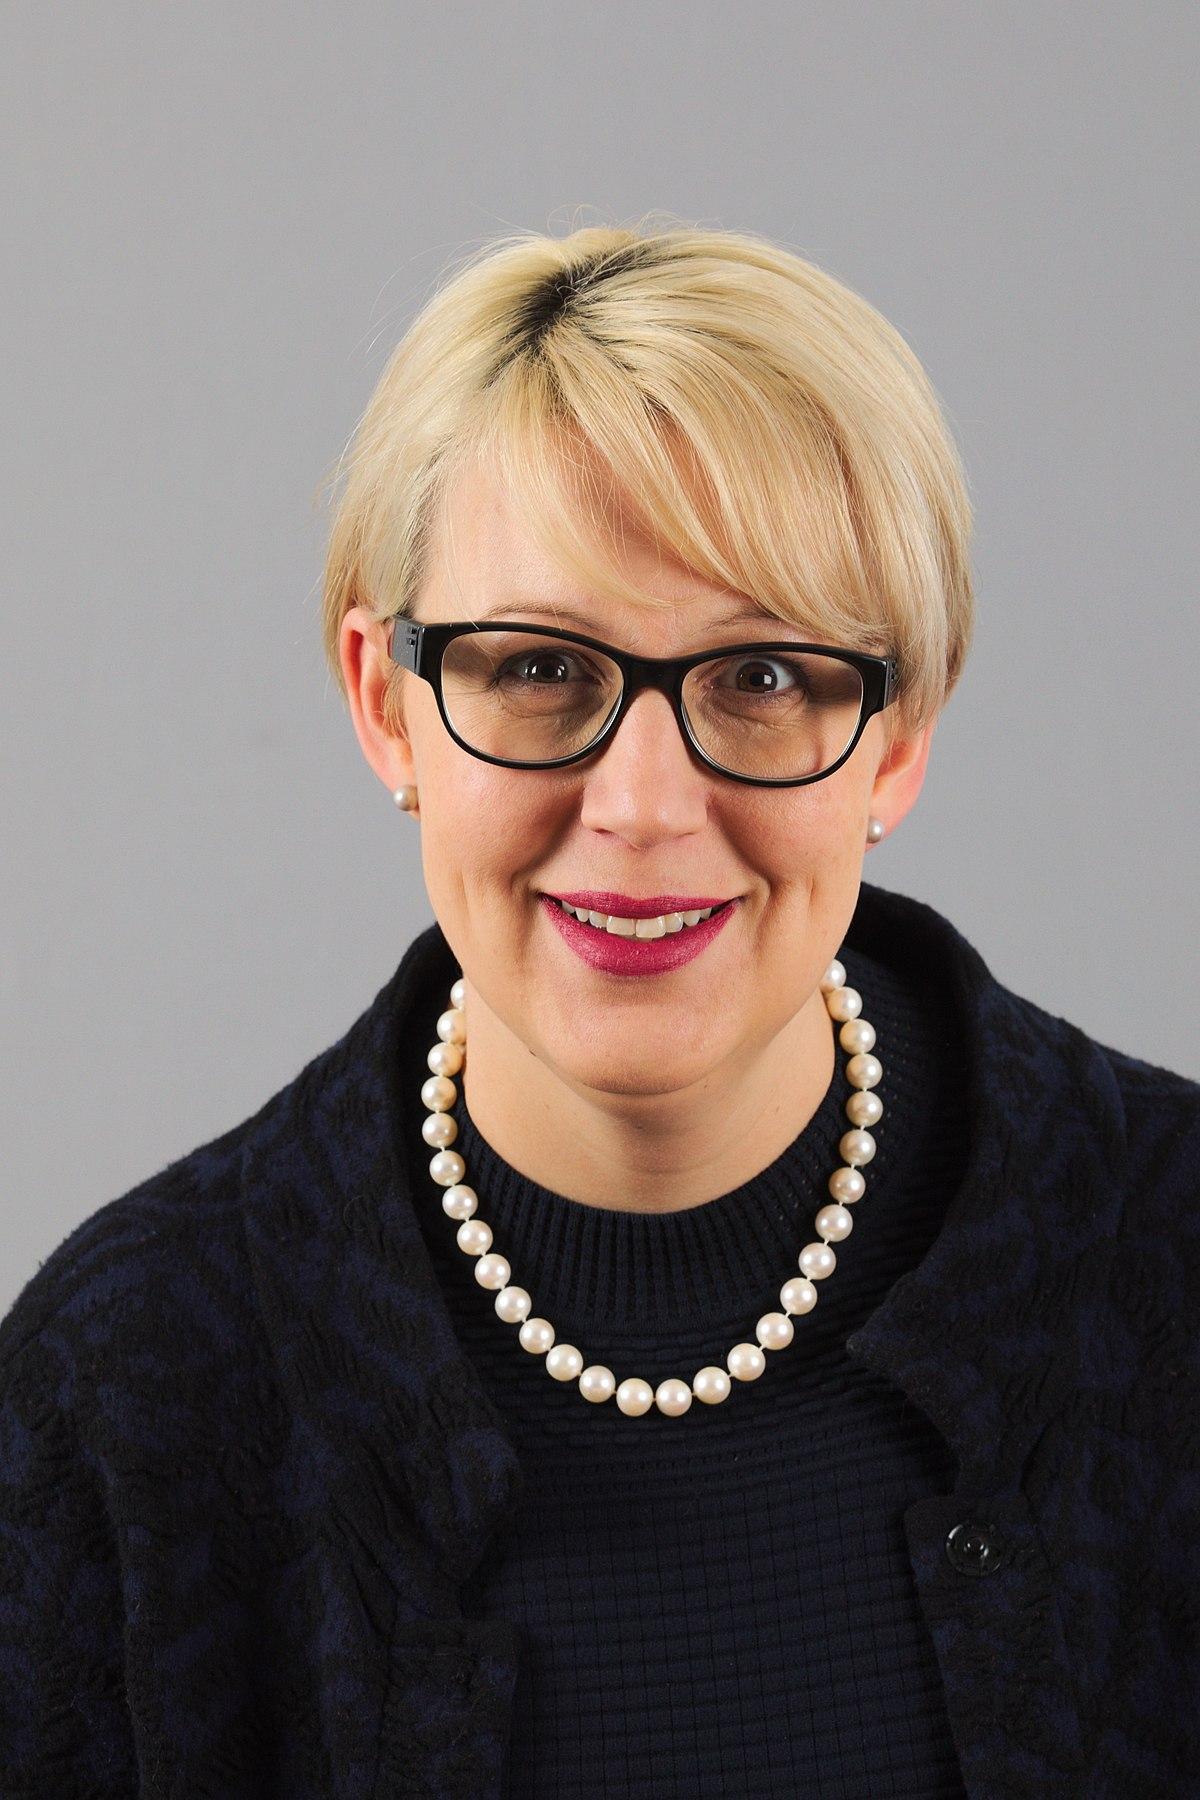 Sabine Scheffknecht – Wikipedia